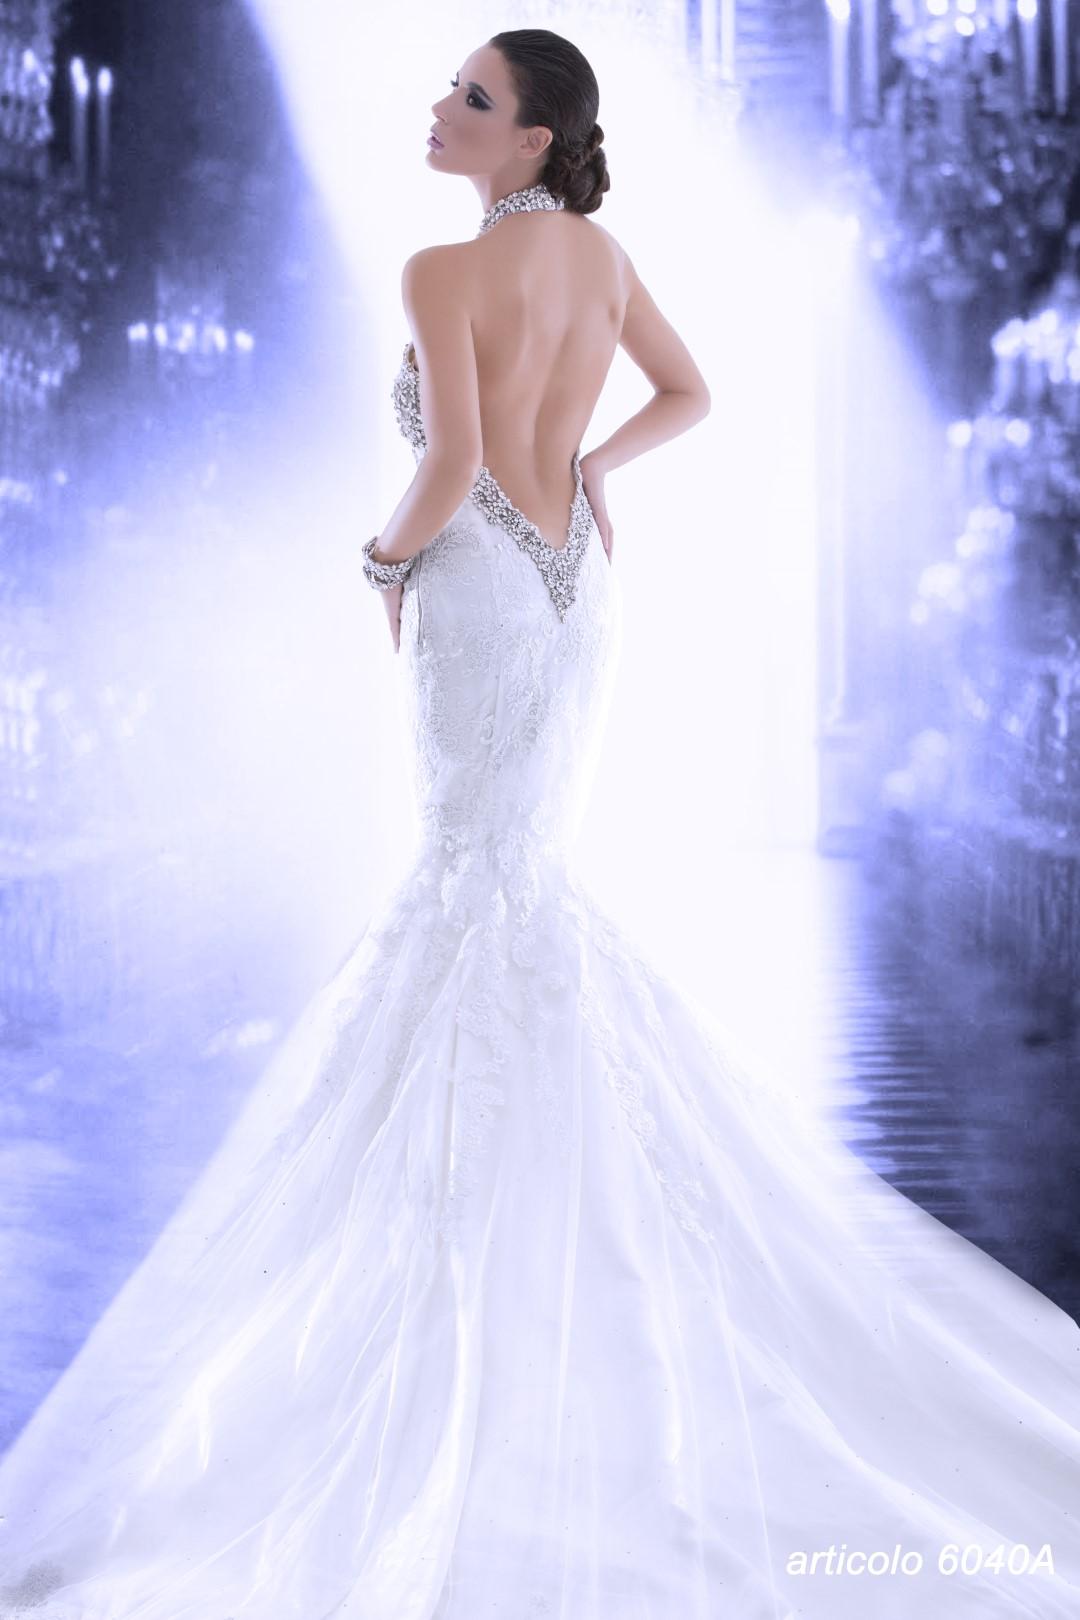 fbd7559409a8 Collezione abiti da sposa paola d onofrio – Abiti corti